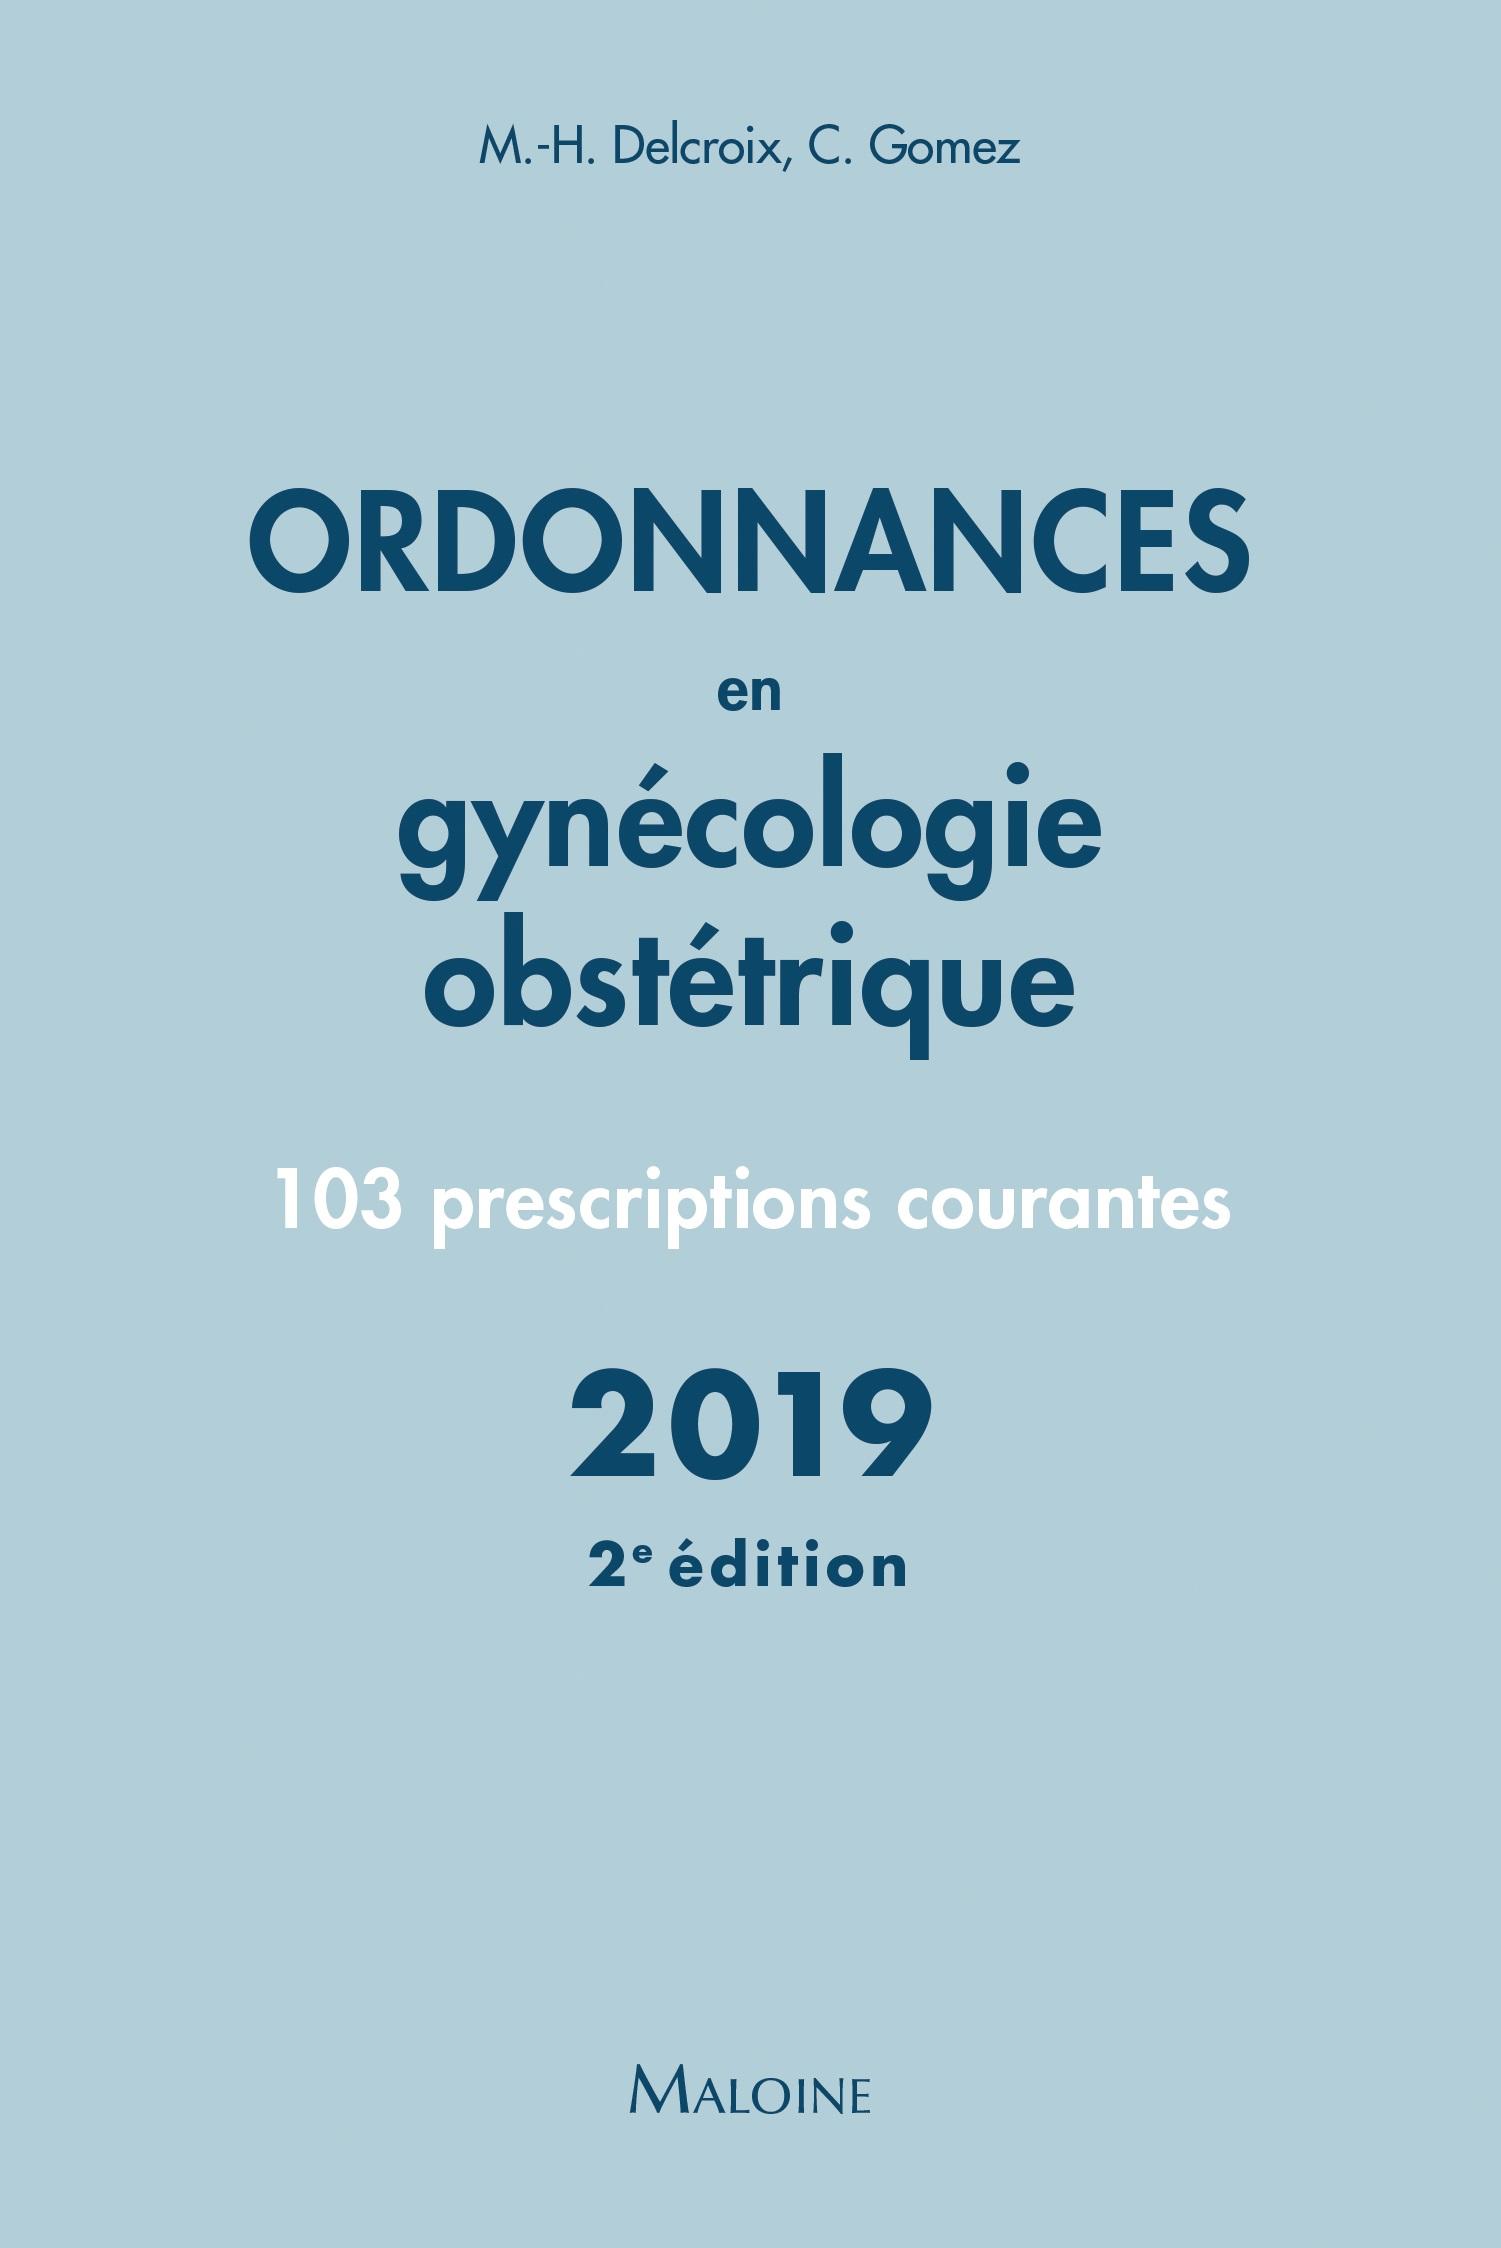 Ordonnances en gynécologie obstétrique 2019, 2e éd.